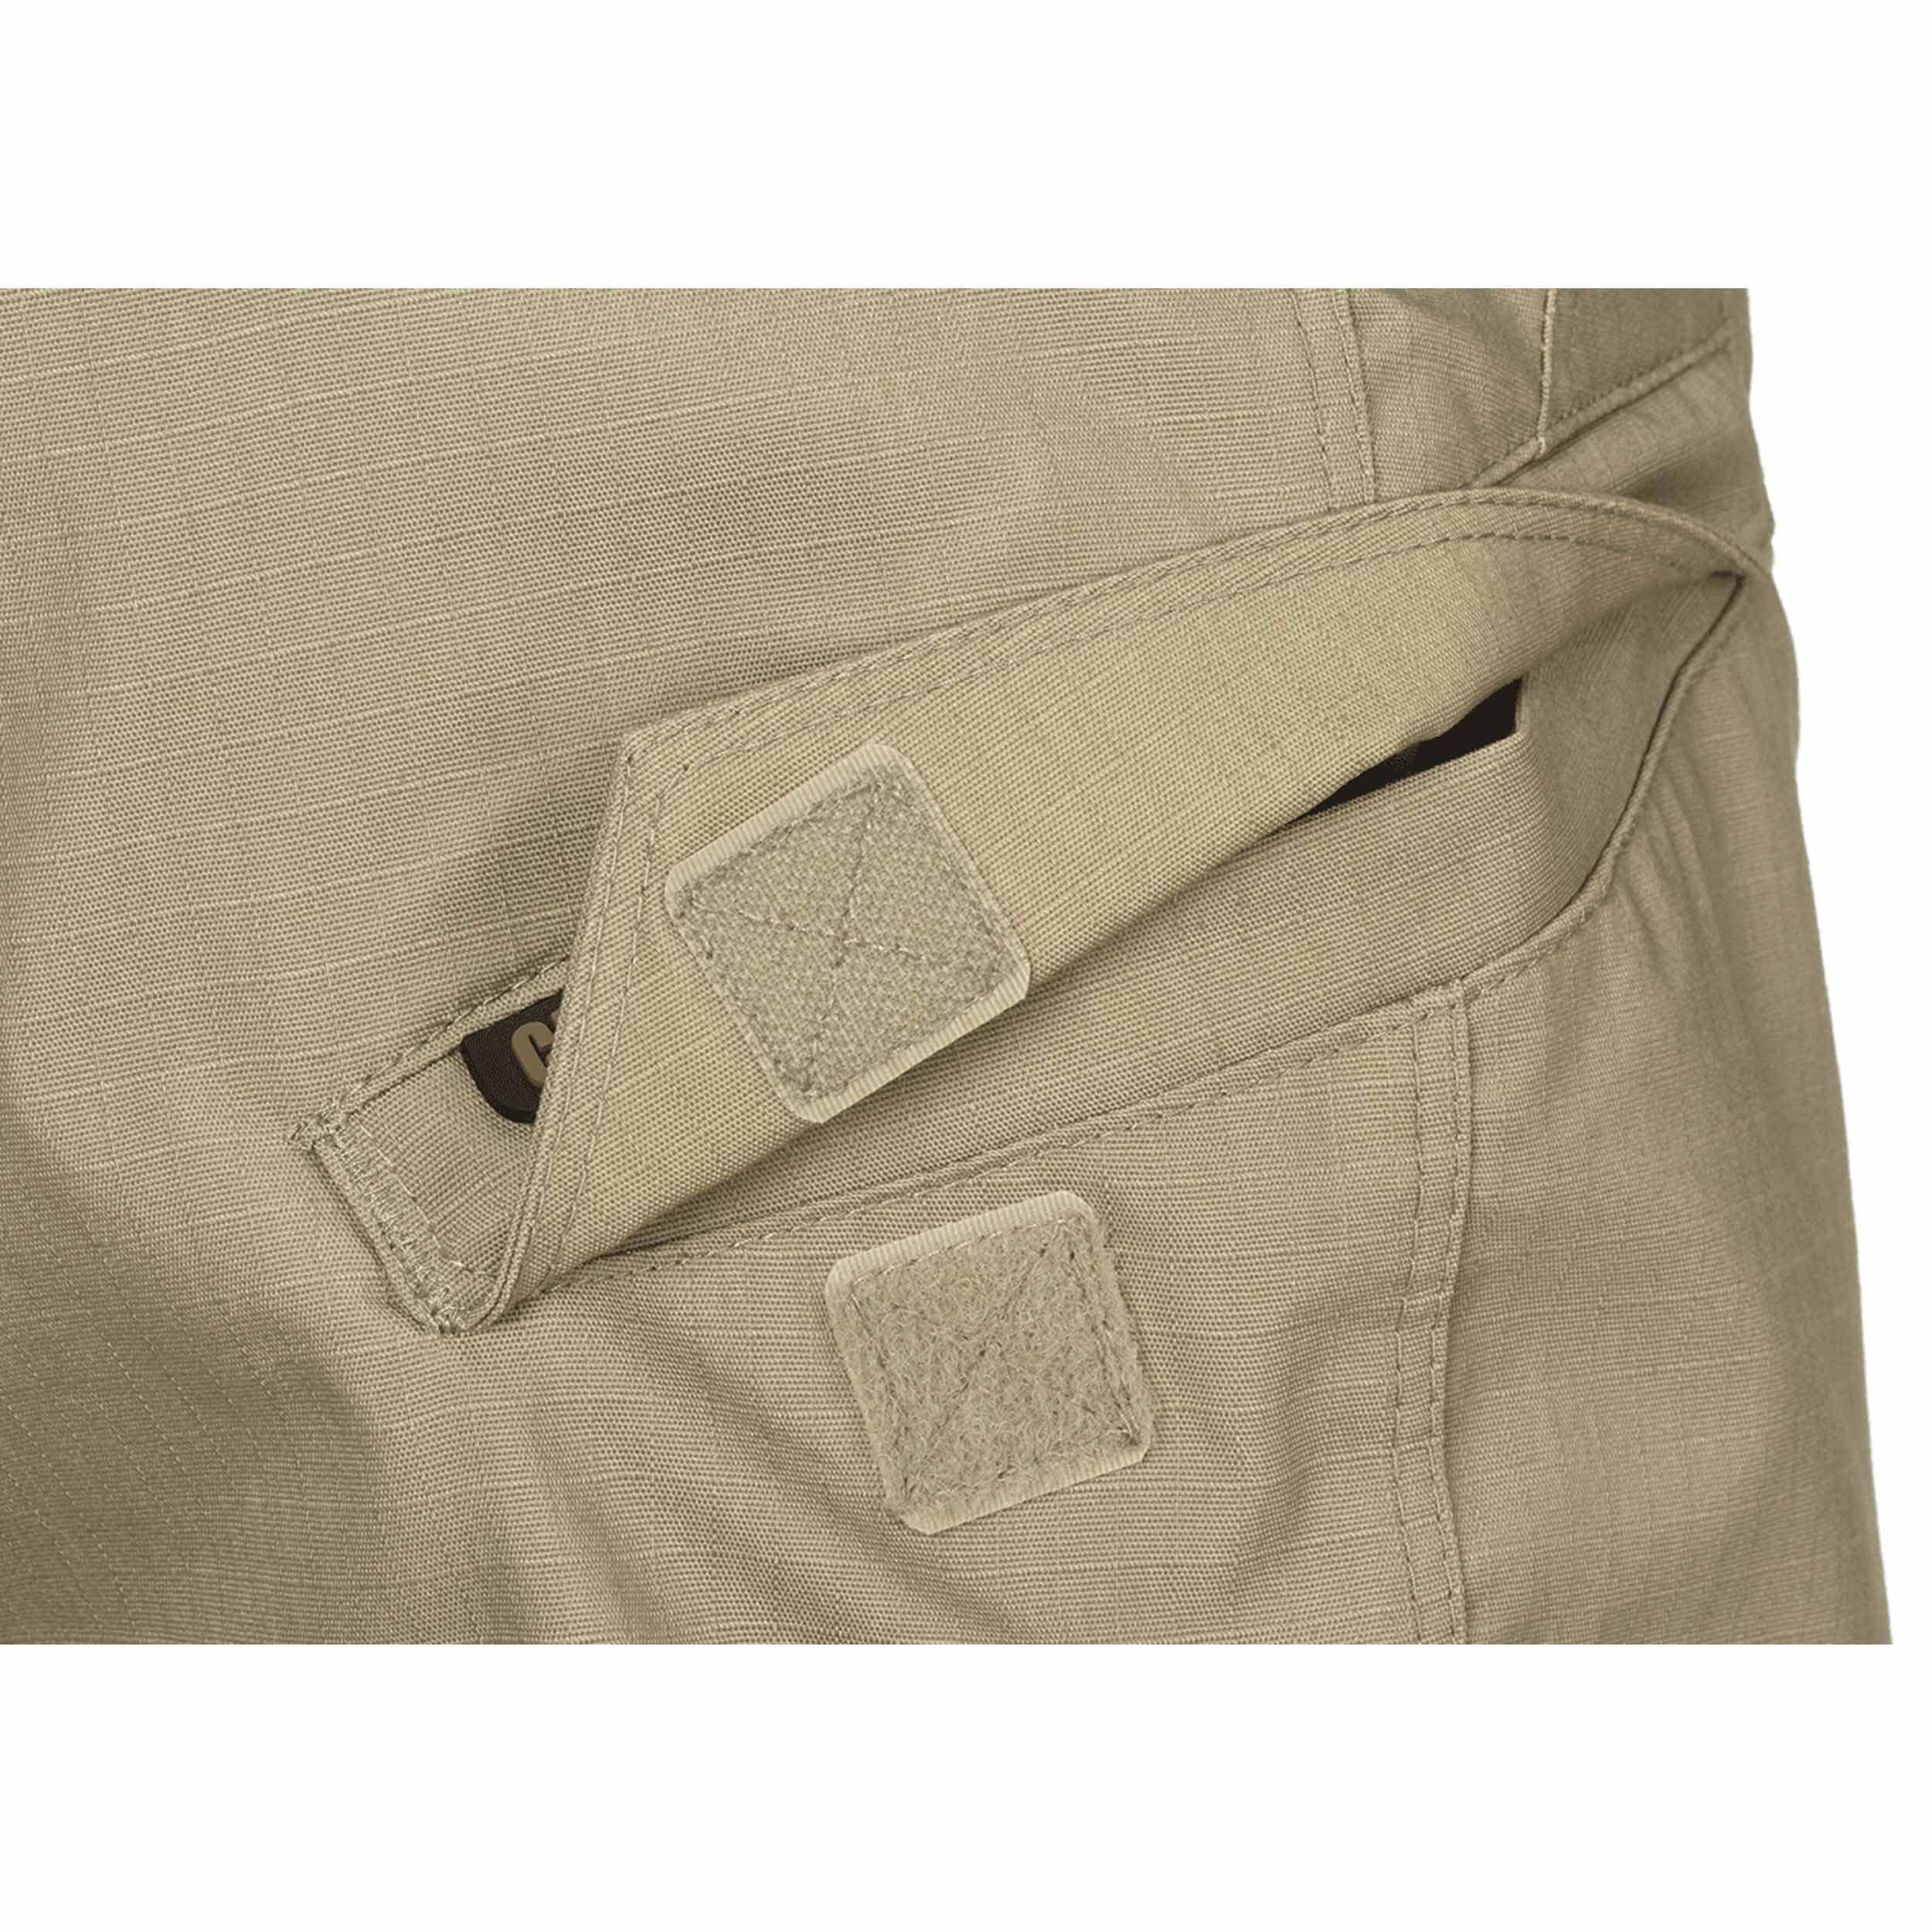 Clawgear Defiant Flex Hose Khaki